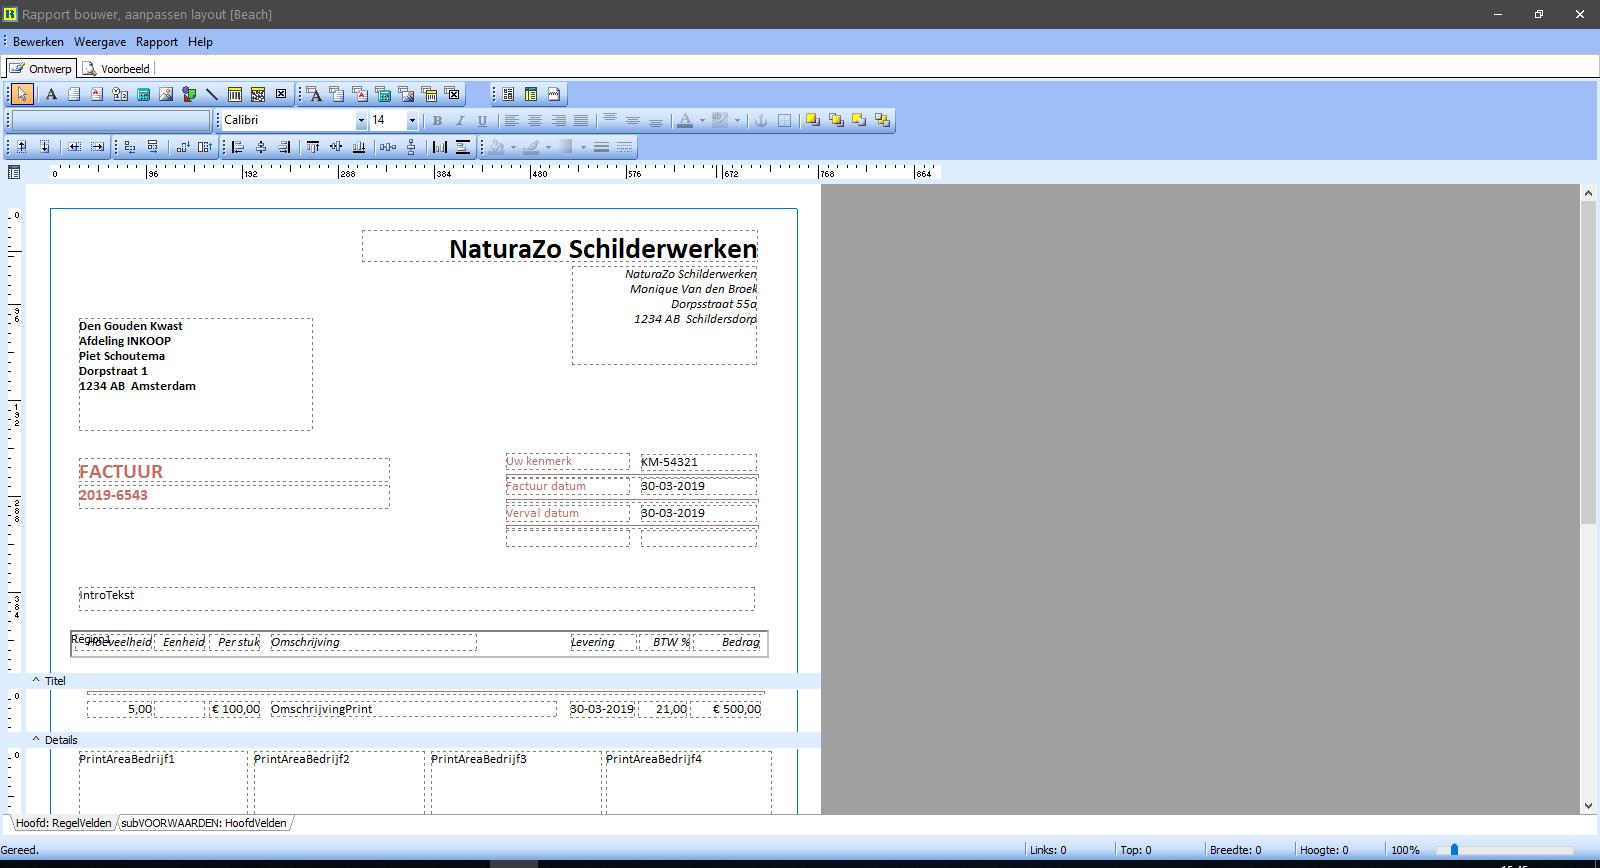 PERIFACT factuur programma van ZZP tot MKB -  Aanpasbare layouts via de geavanceerde rapport bouwer